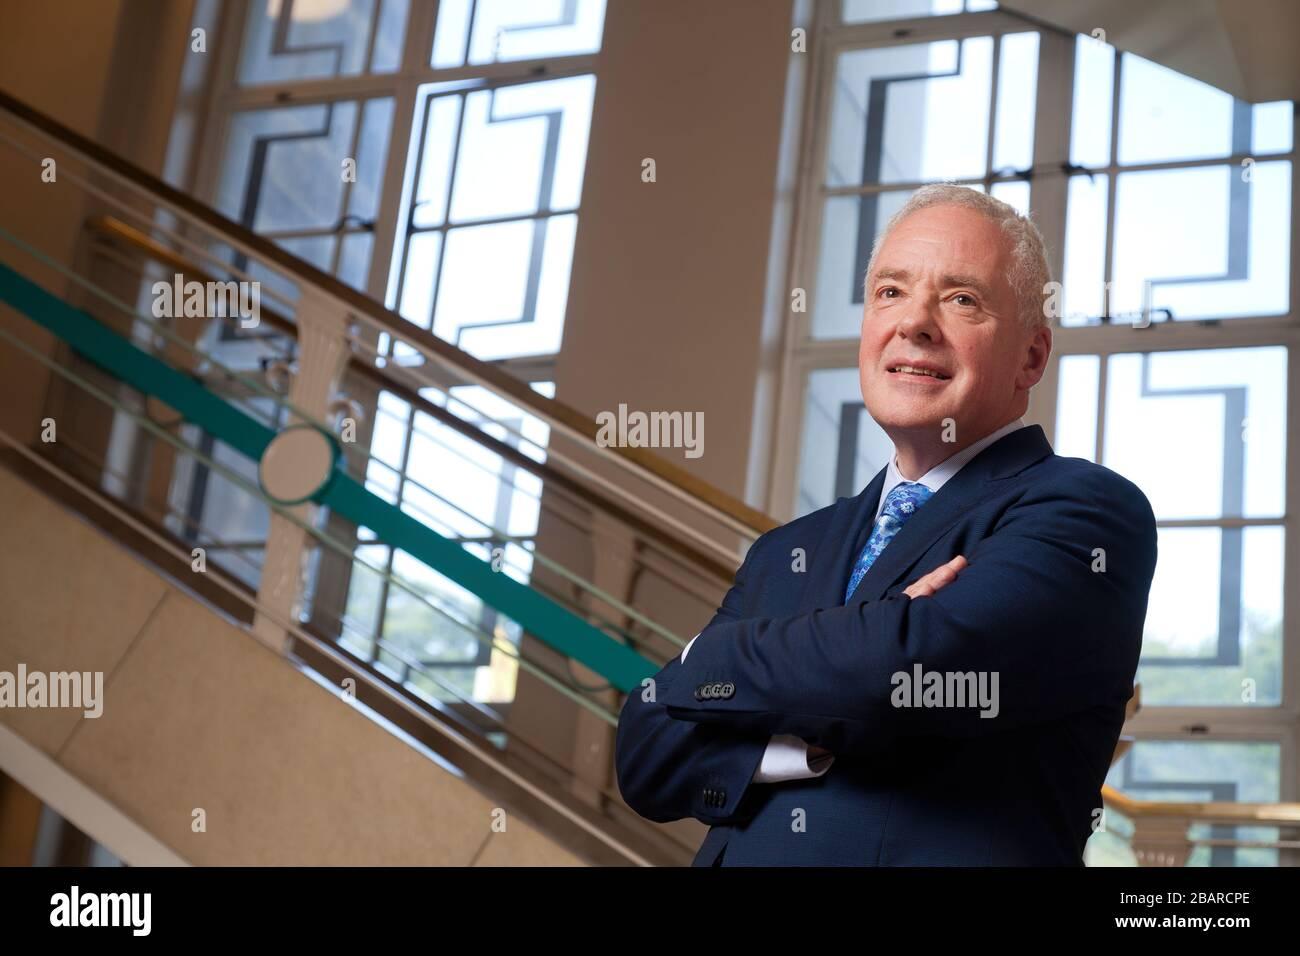 Malcolm Wright Directeur général pour la santé et les soins sociaux et Directeur général de NHS Scotland Banque D'Images